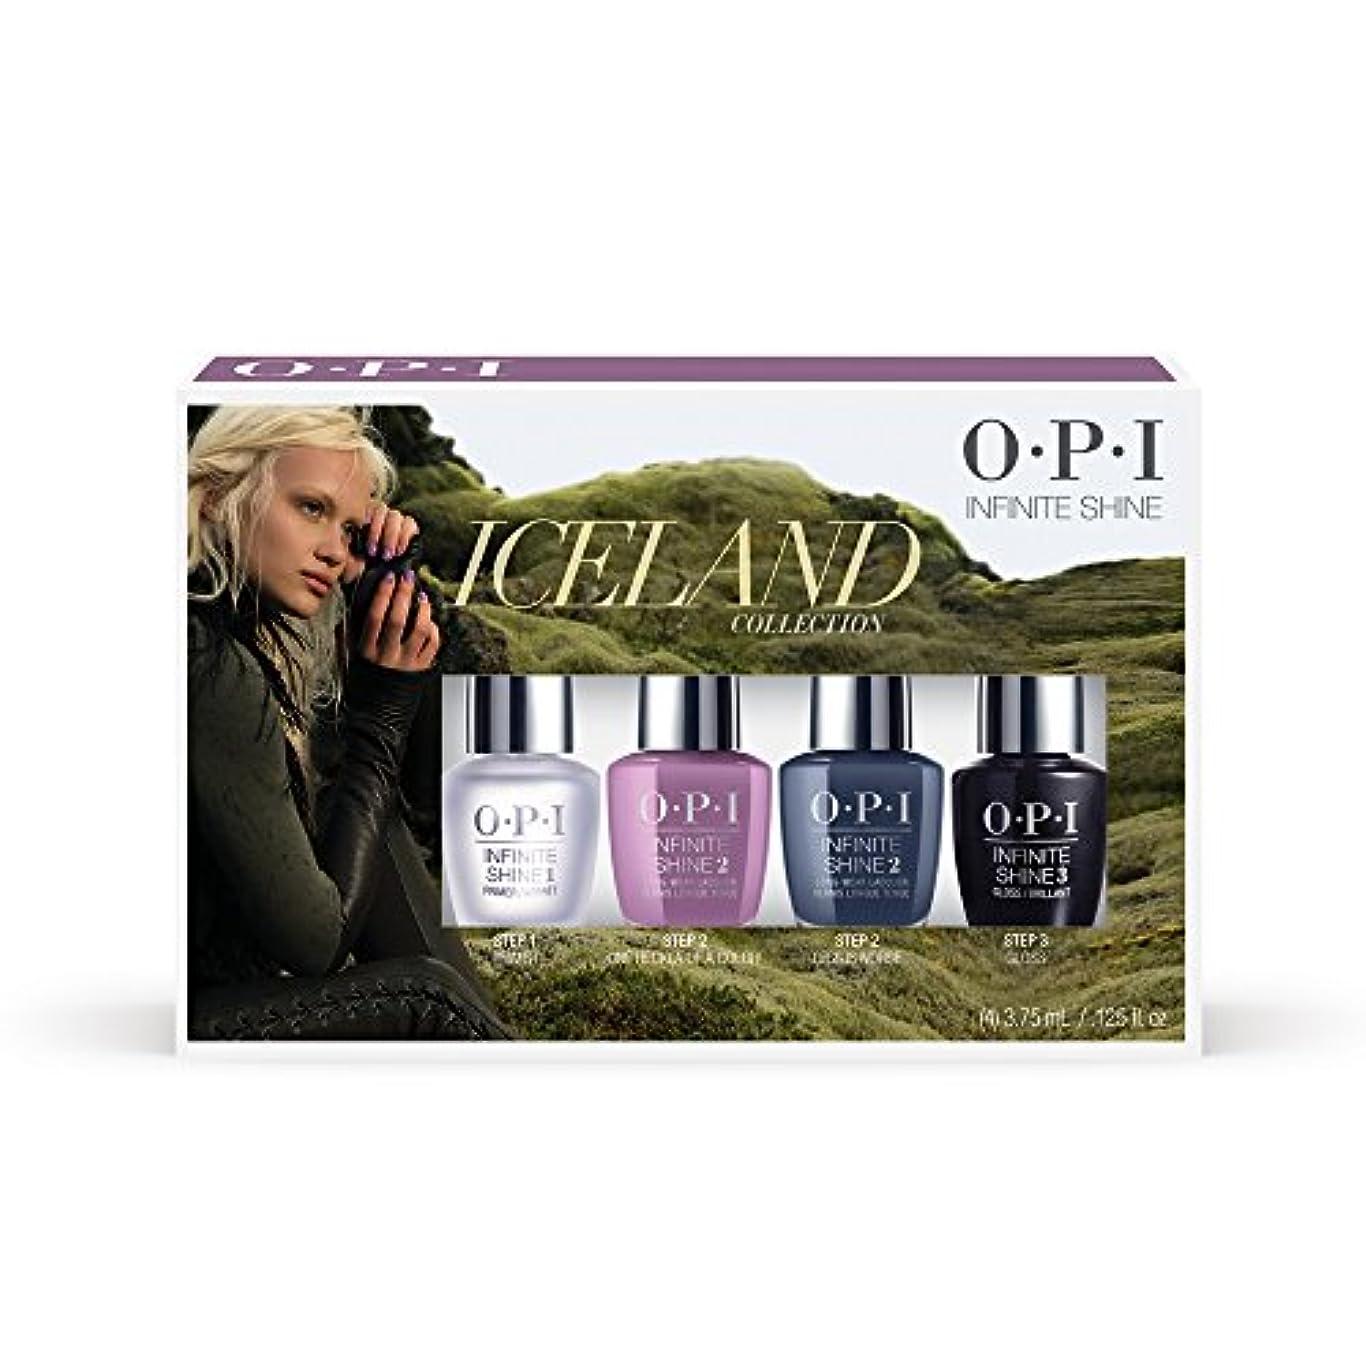 抗議作動するジェスチャーOPI(オーピーアイ) アイスランド コレクション インフィニット シャイン ミニパック